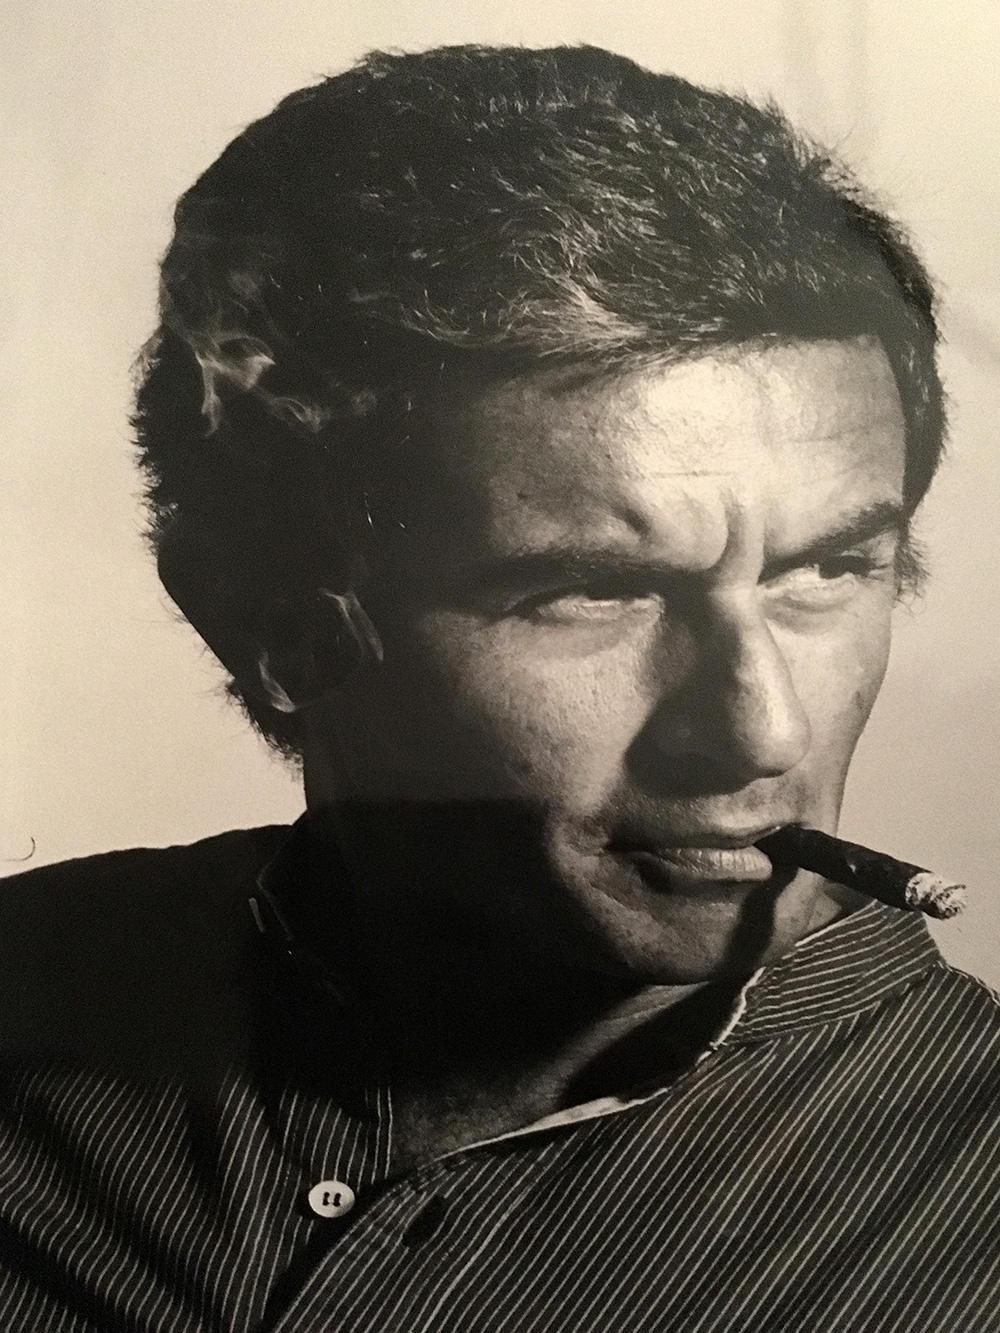 Claudio-Cintoli -1977